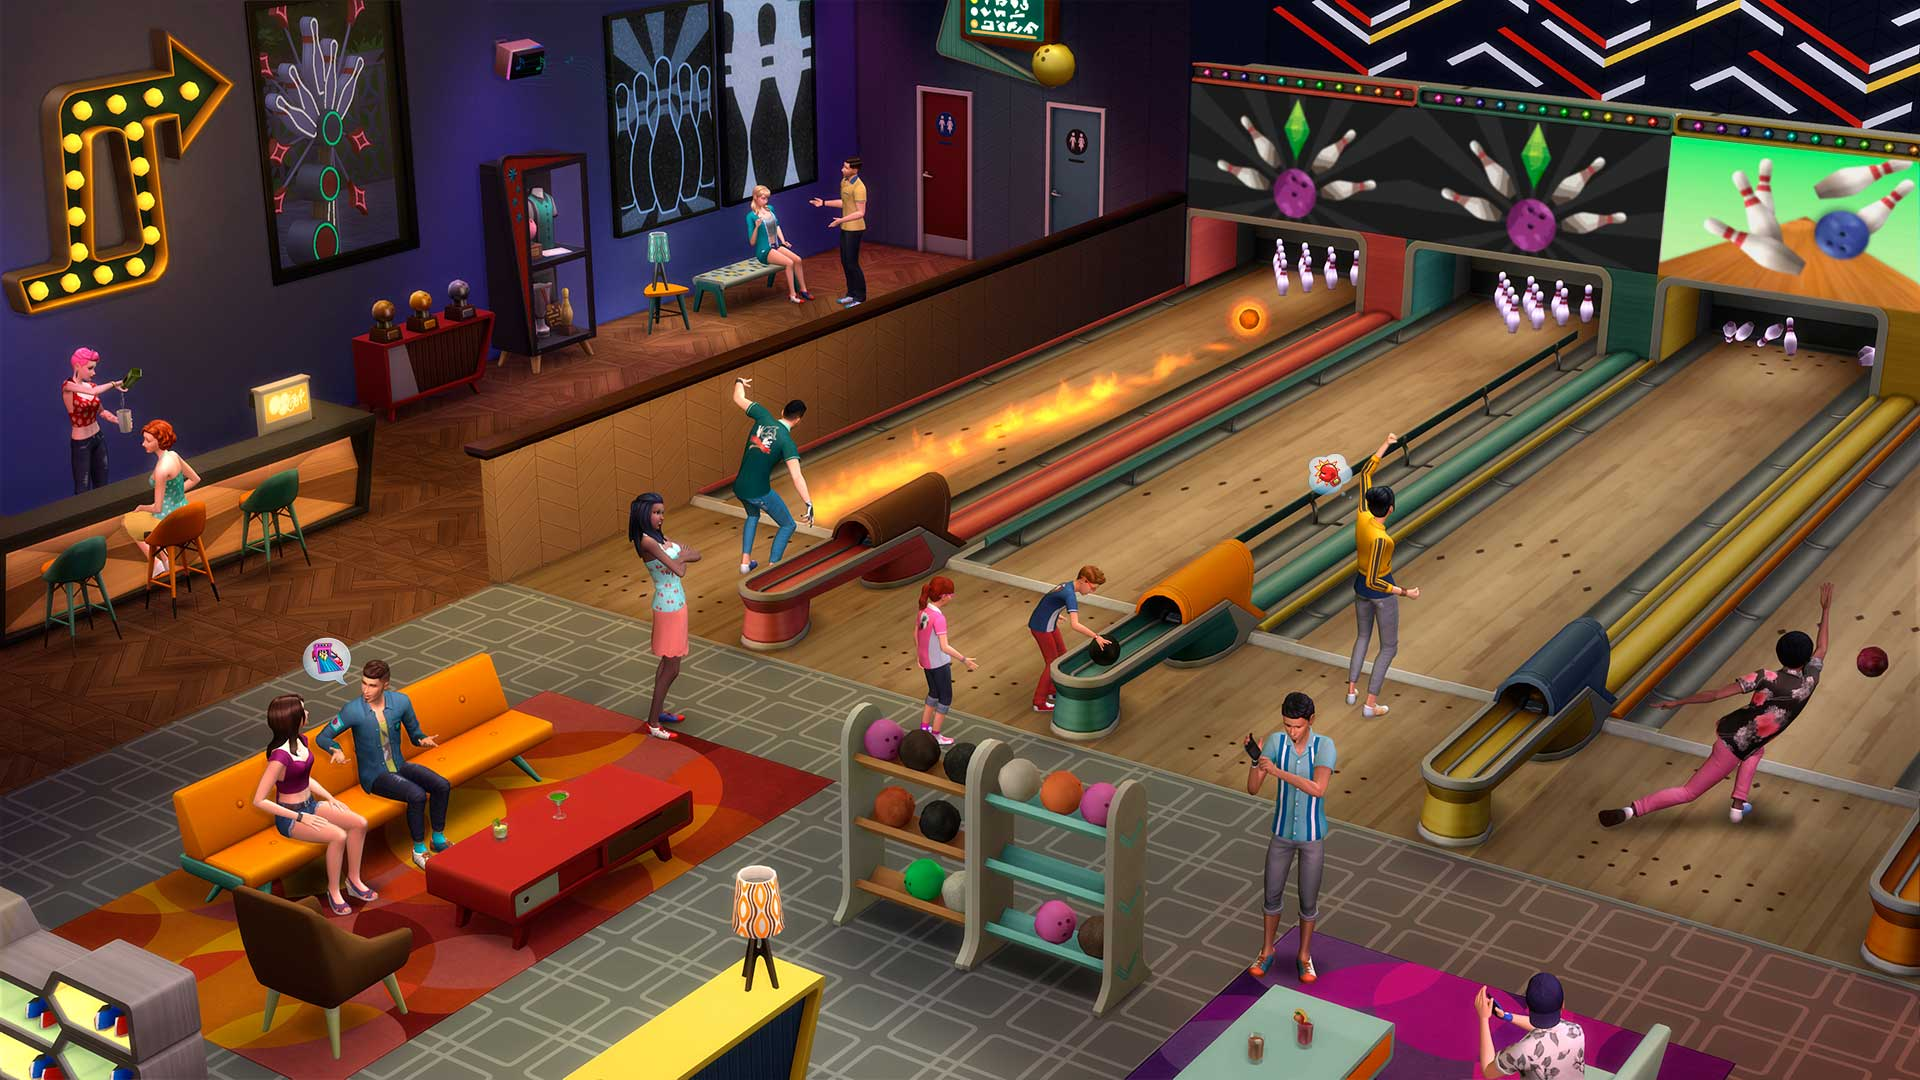 Los Sims 4 Noche de bolos pantalla